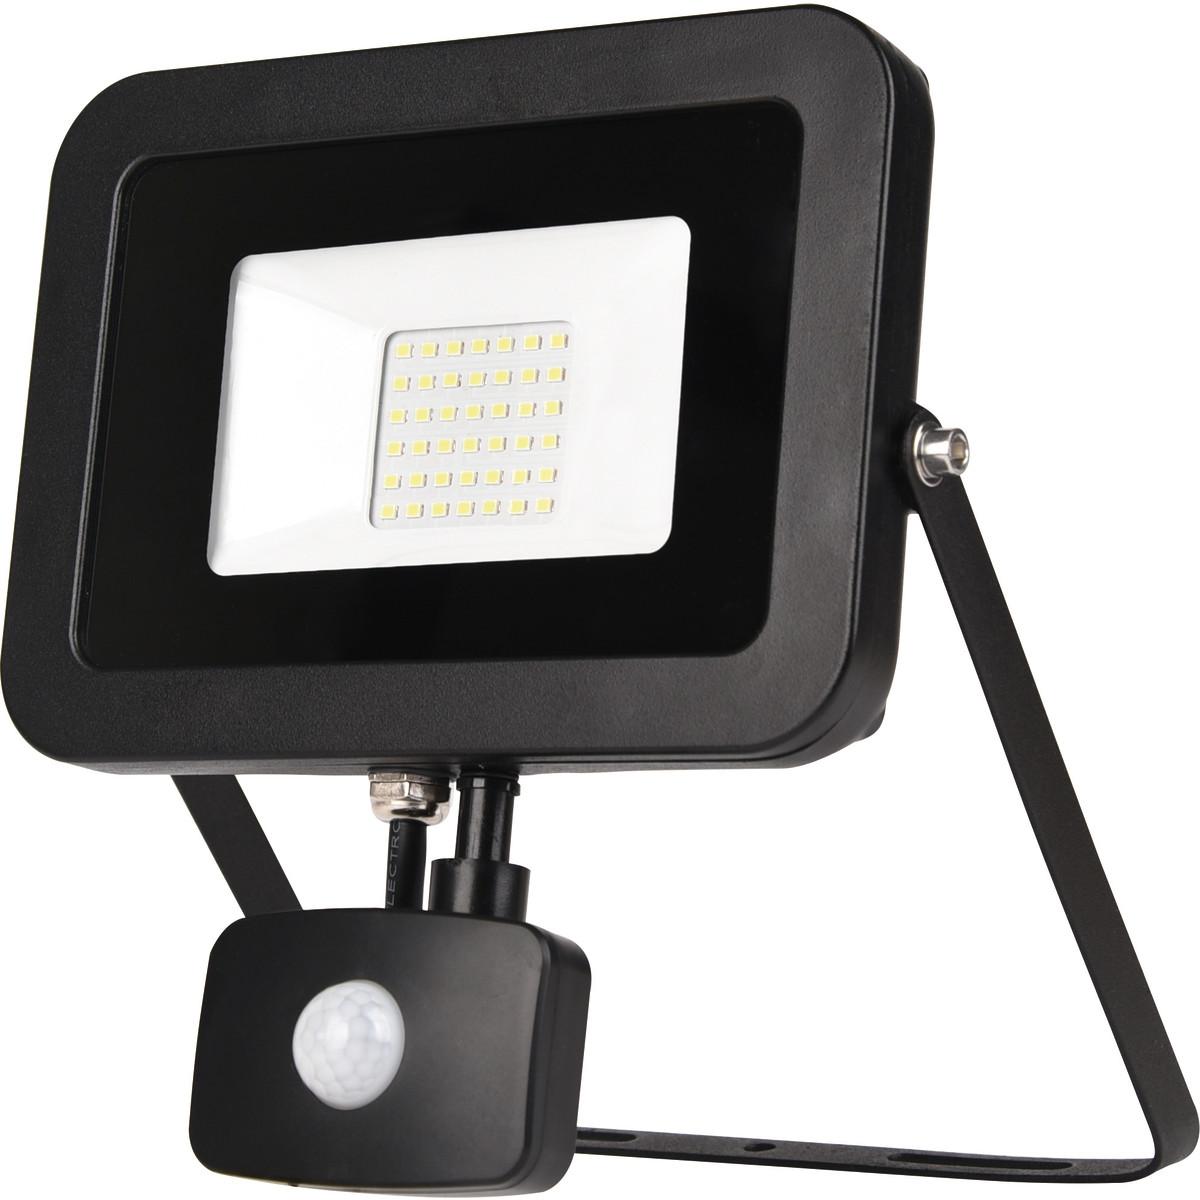 Прожектор уличный светодиодный Эра Eco Б0029436 6500 К 50 Вт IP65 3500 Лм